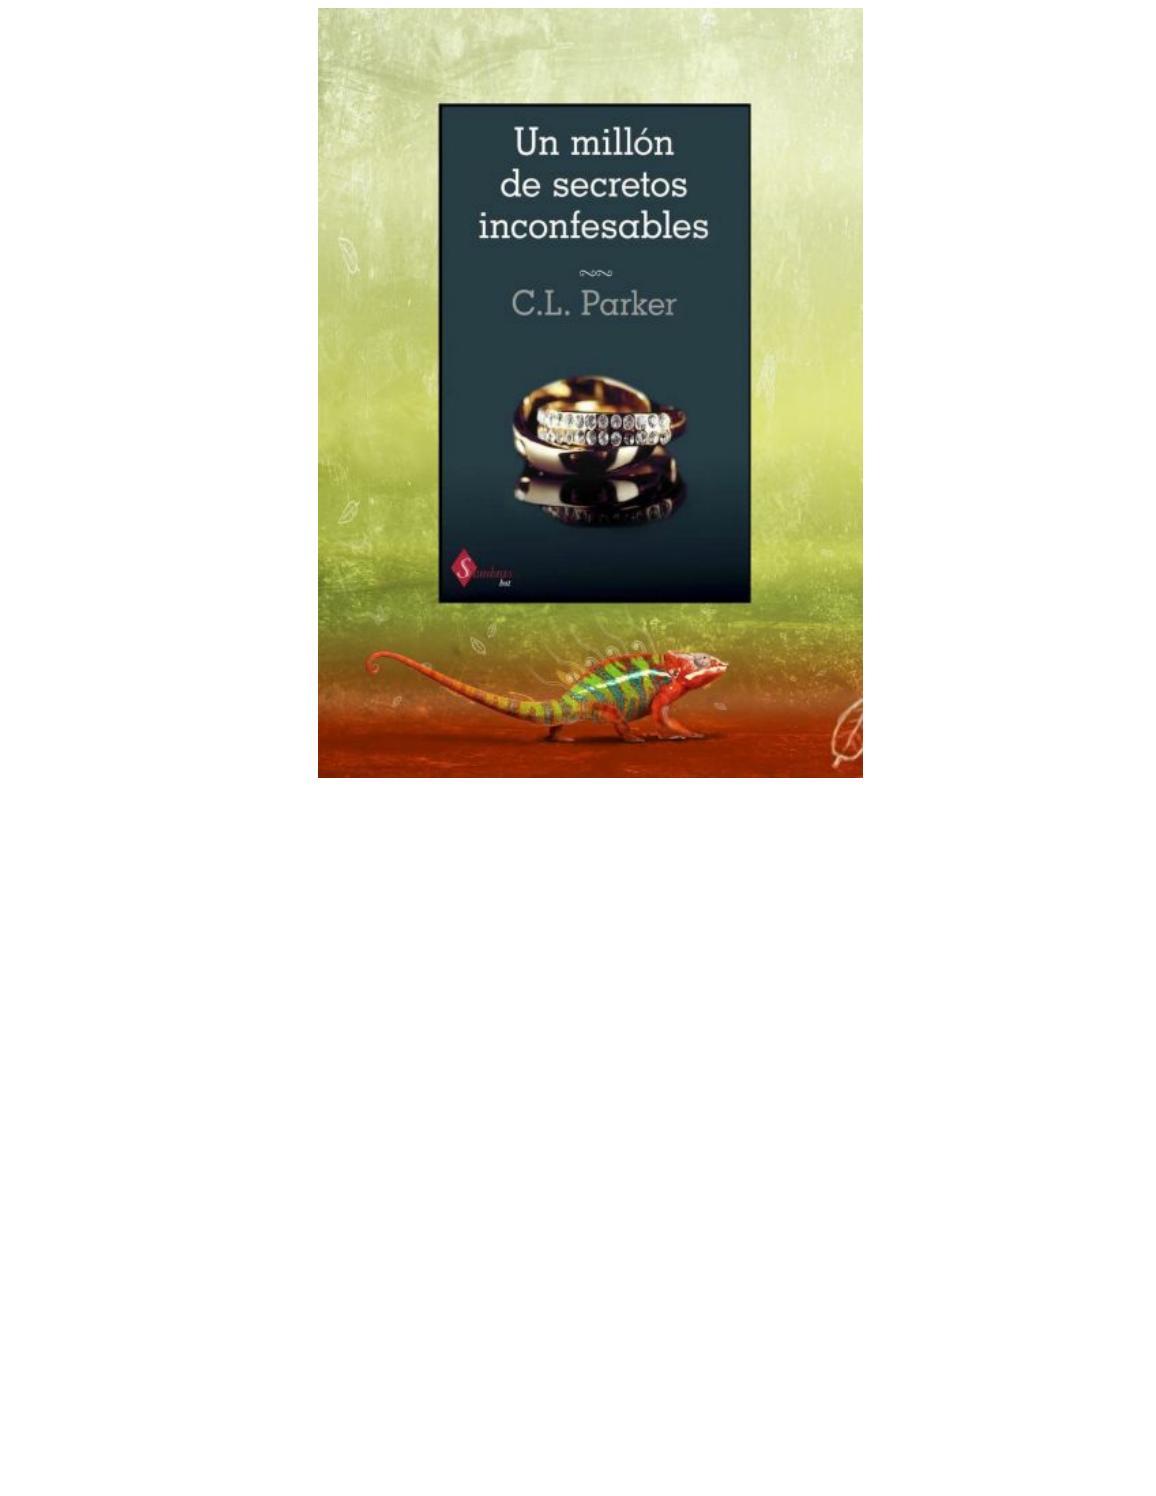 Peliculas porno recientes con el nombre de secretos inconfesables C L Parker Dueto Del Millonario 01 Un Millon De Secretos Inconfesables 1 By Maria Camila Suaza Issuu